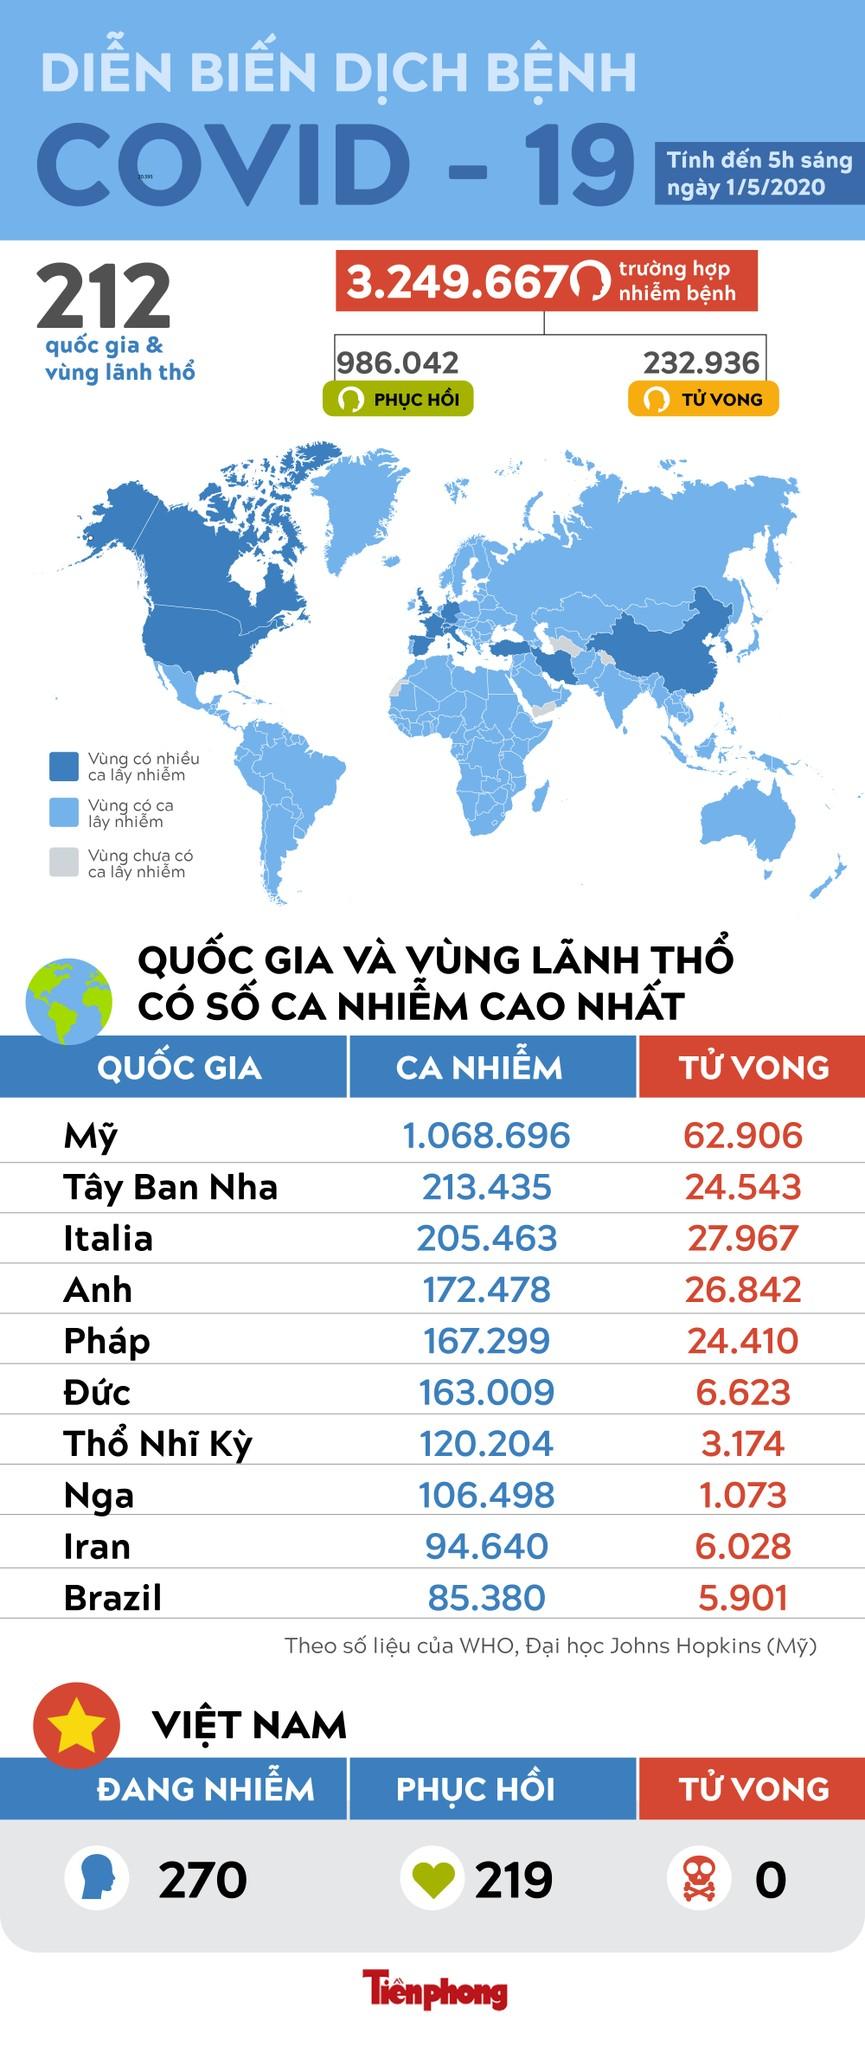 Gần 233.000 người tử vong vì COVID-19 trên toàn cầu - ảnh 1